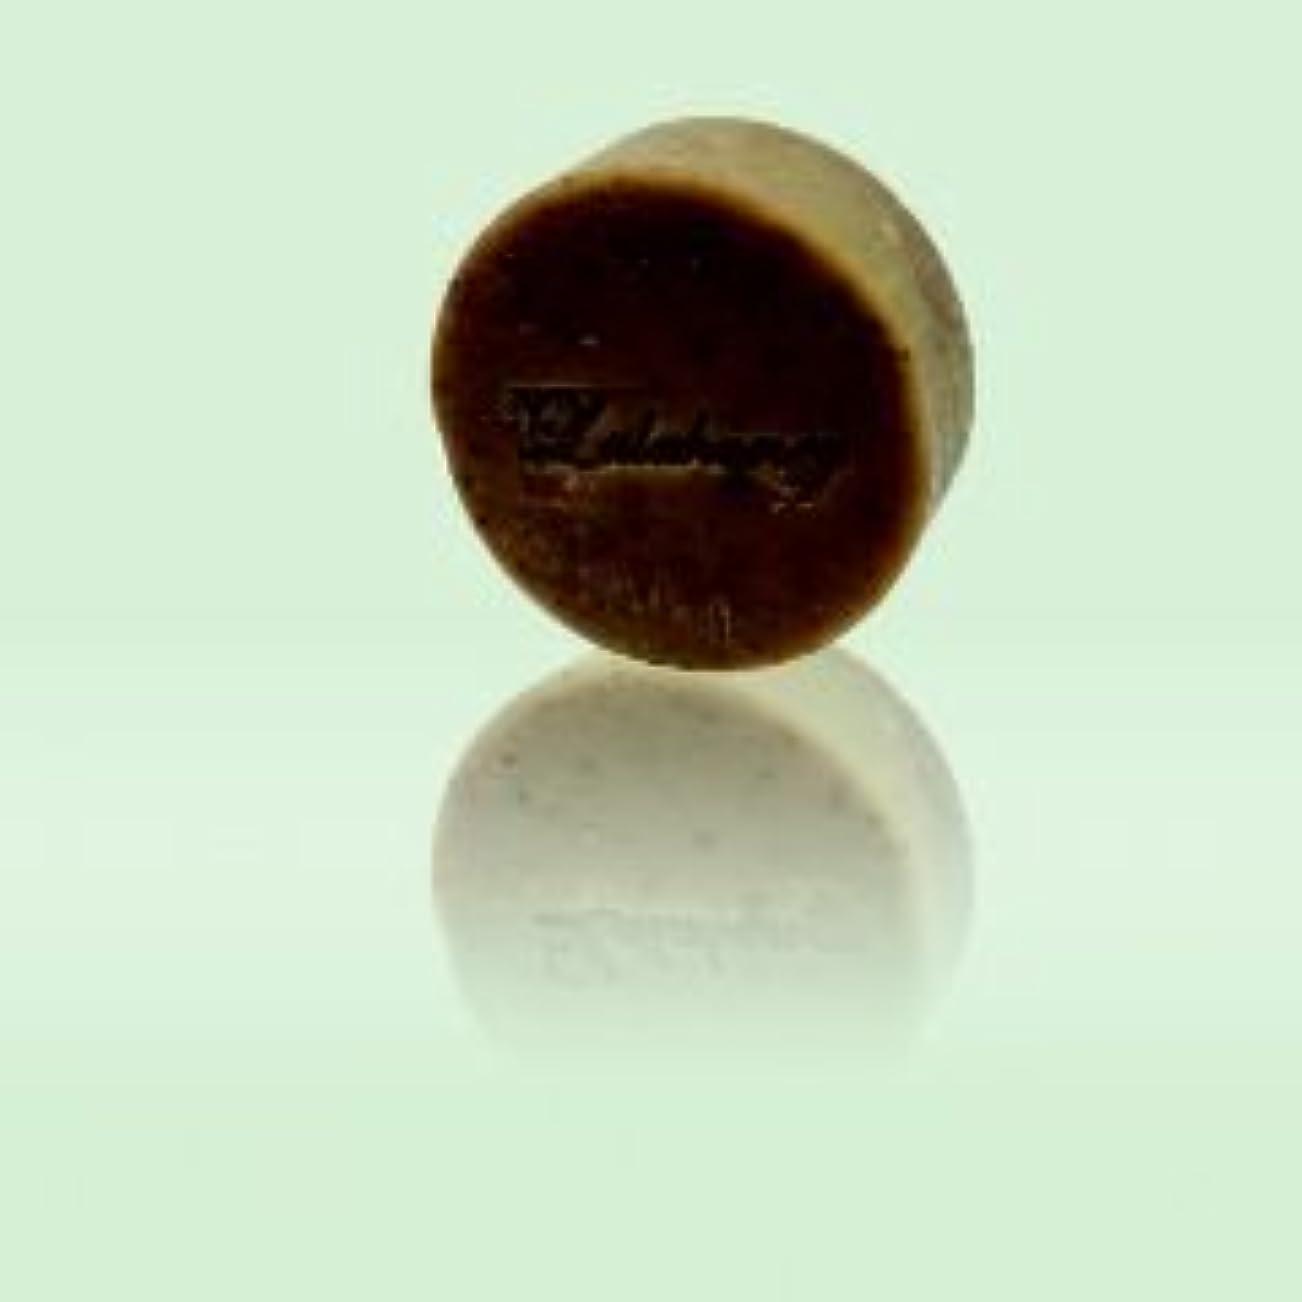 演劇ソファーボトルLALAHONEY 石鹸〈チョコレート&オレンジ〉80g【手作りでシンプルなコールドプロセス製法】